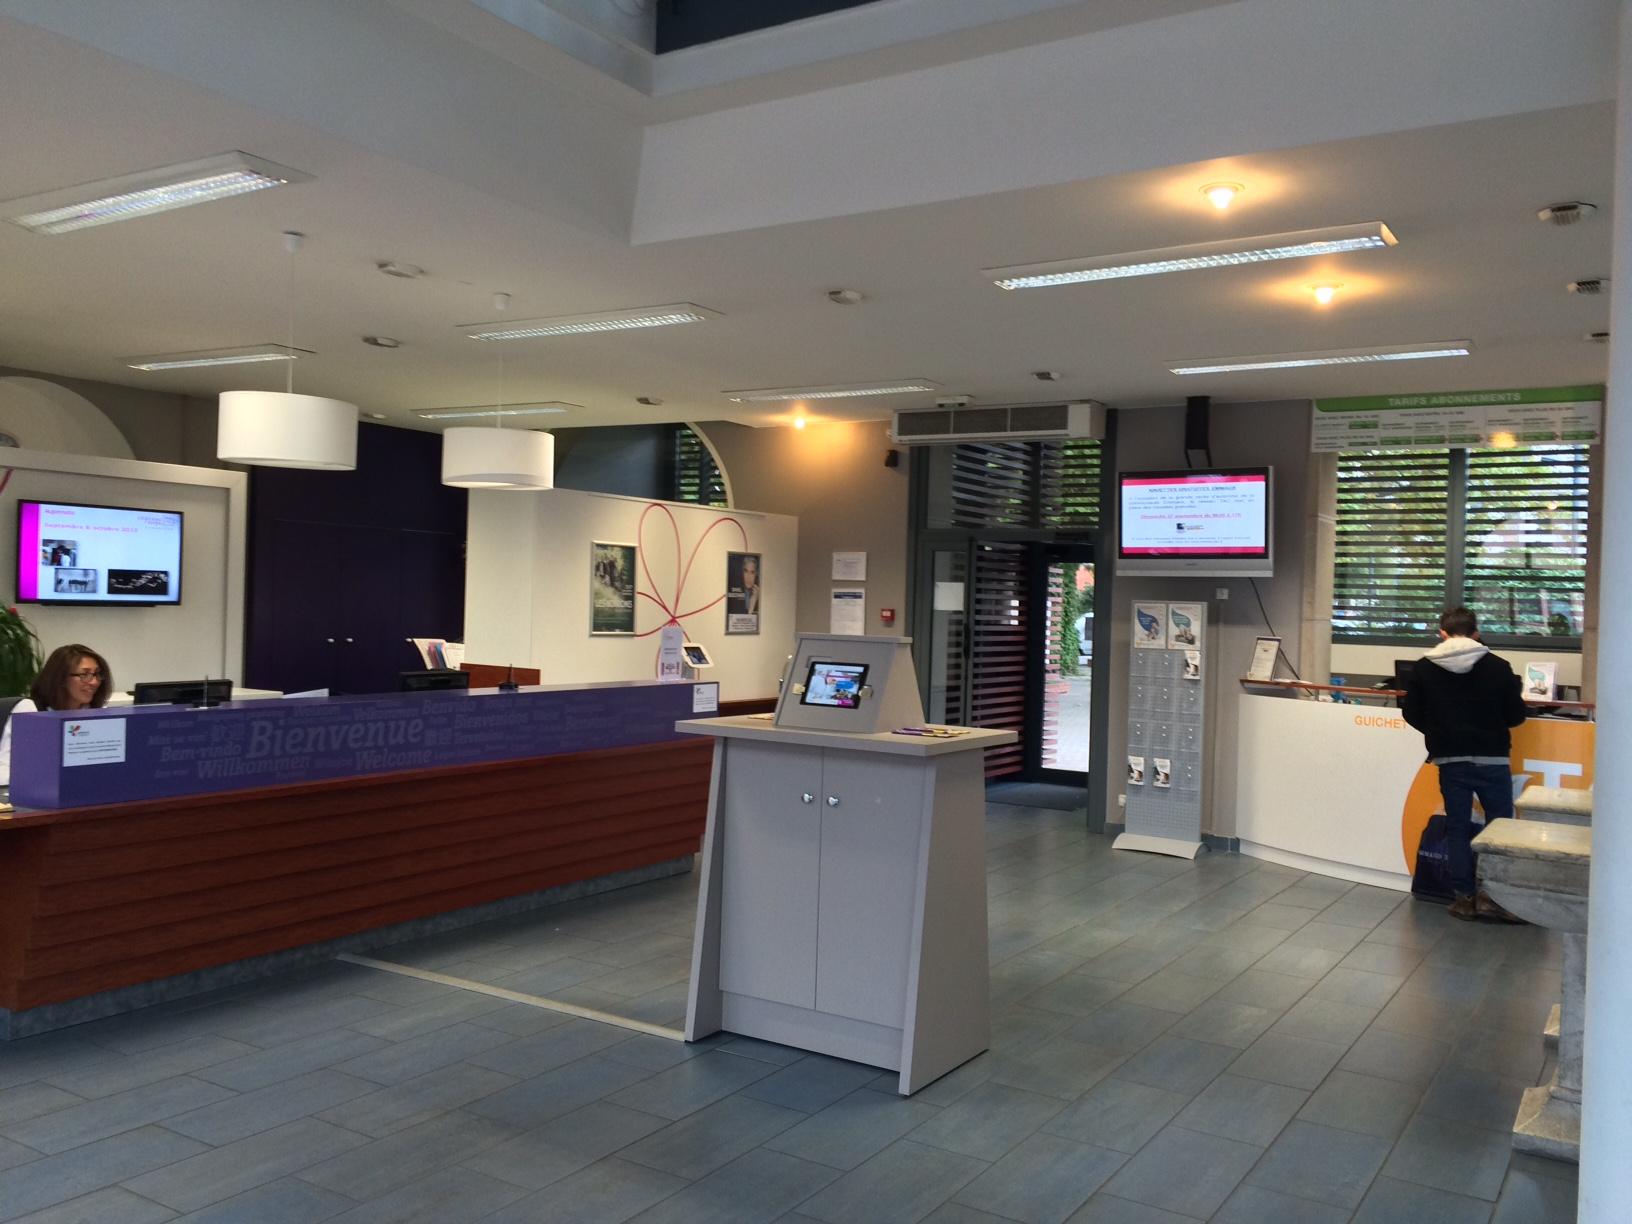 Office de tourisme monts de gen ve savoie mont blanc savoie et haute savoie alpes - Office tourisme annemasse ...